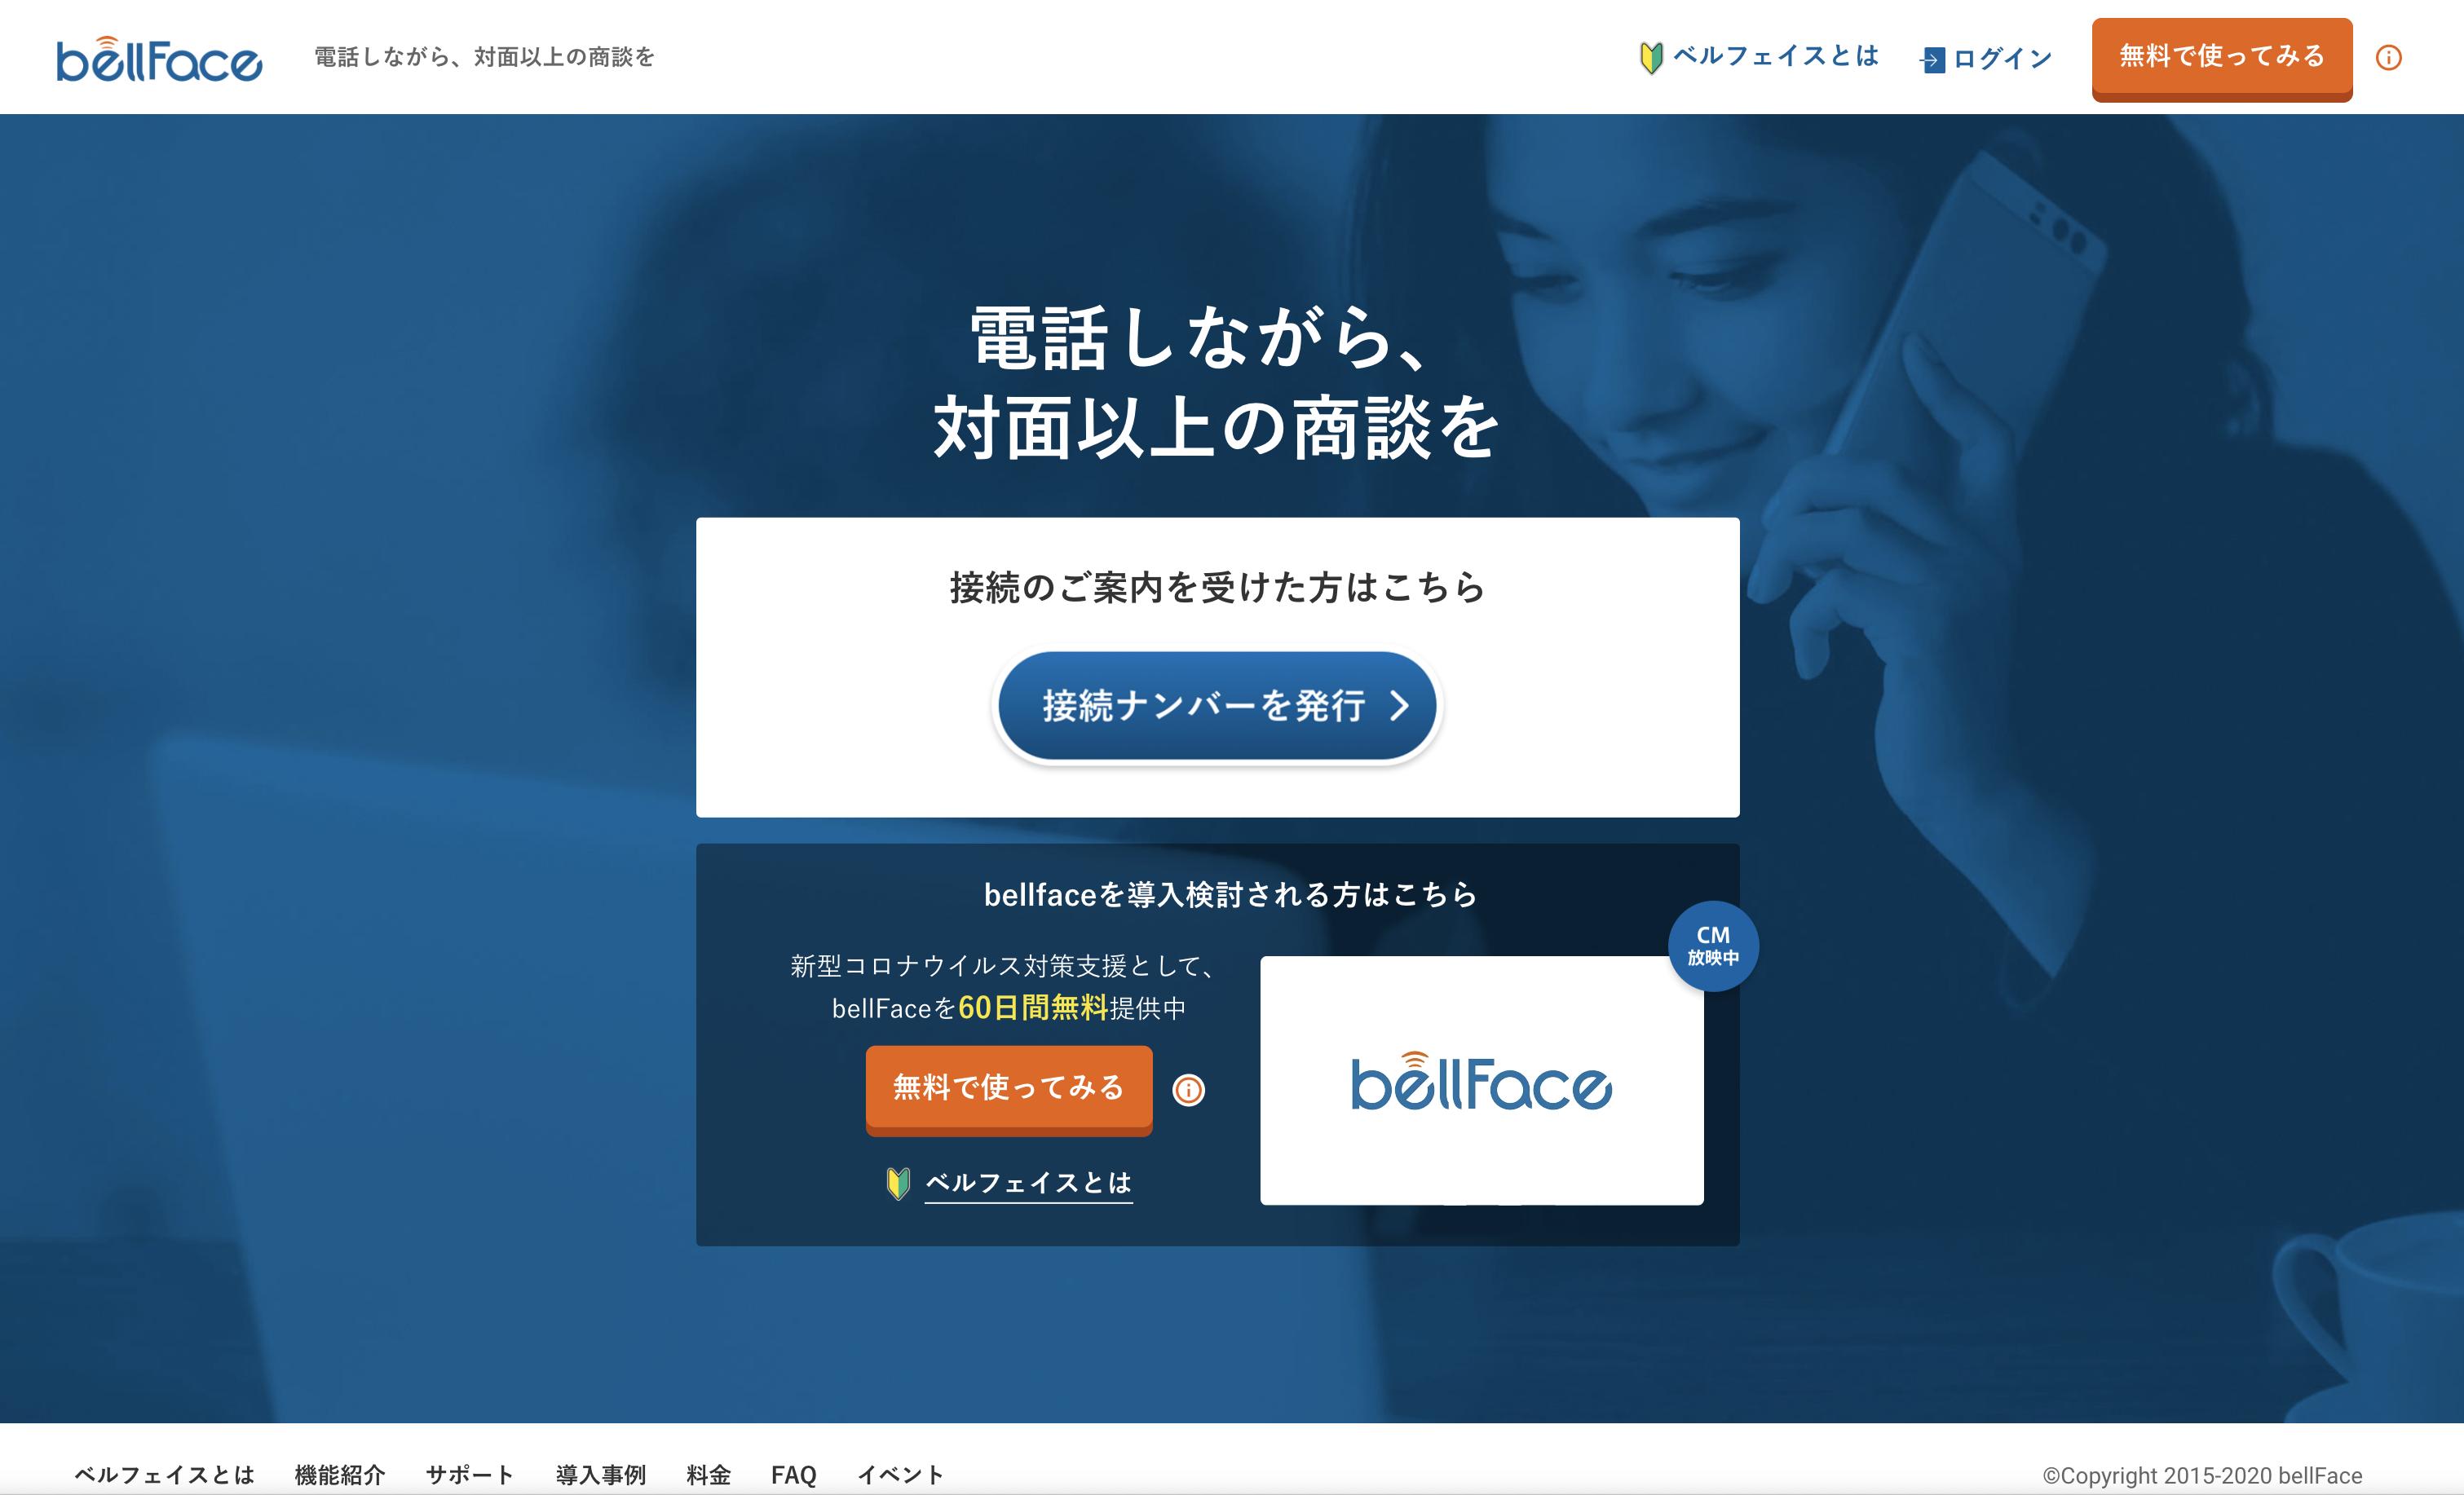 いつもの電話を使ったオンライン商談システムサービス【bellFace】